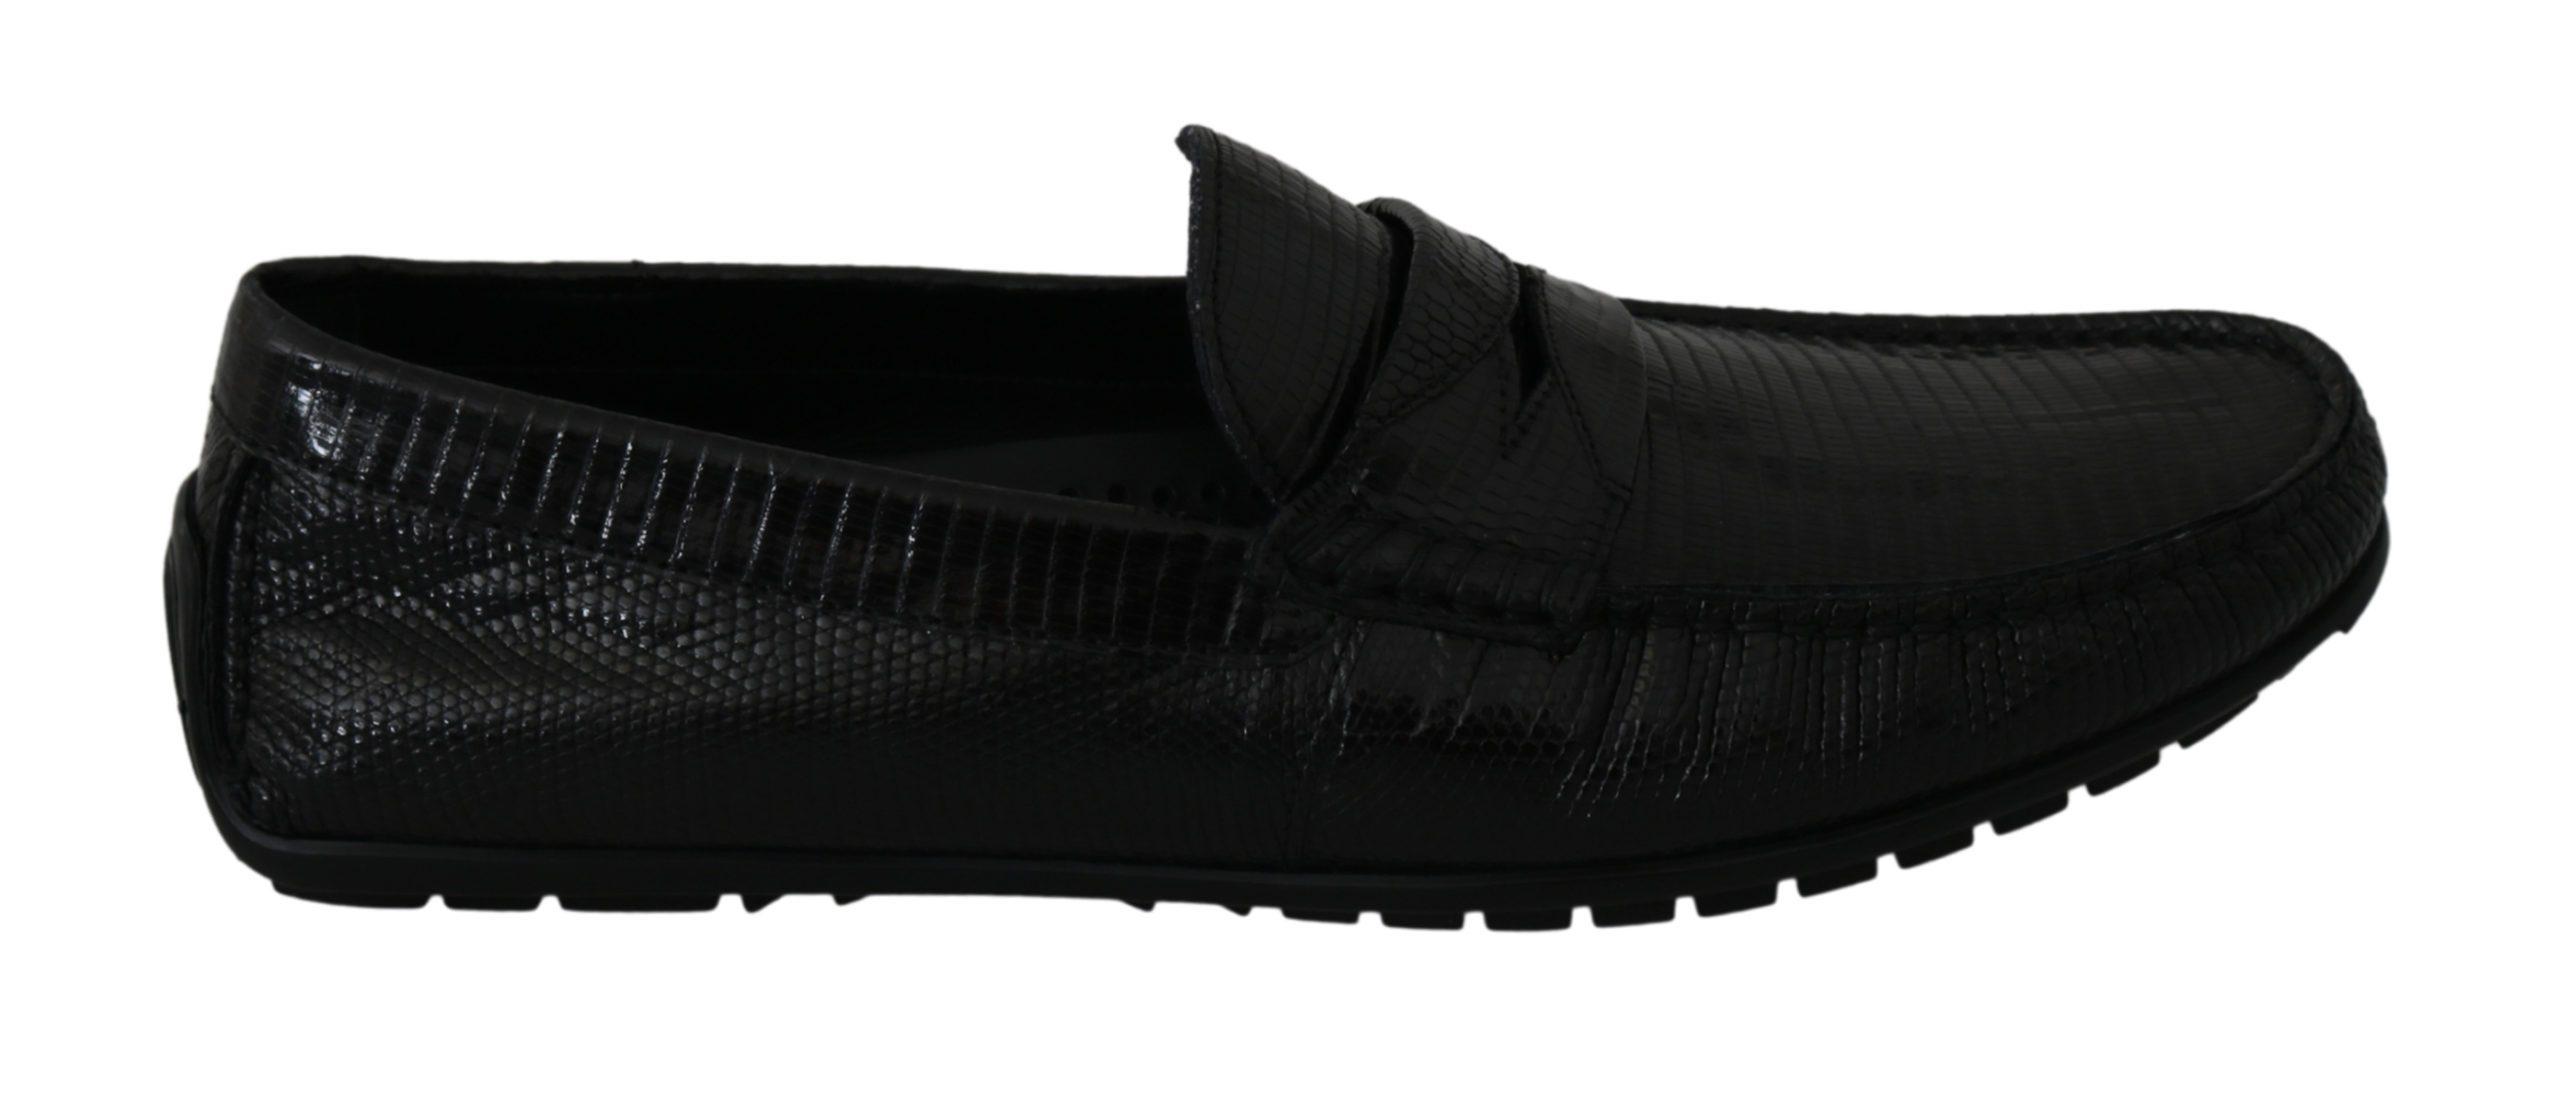 Black Lizard Leather Flat Loafers Shoes - EU39/US6